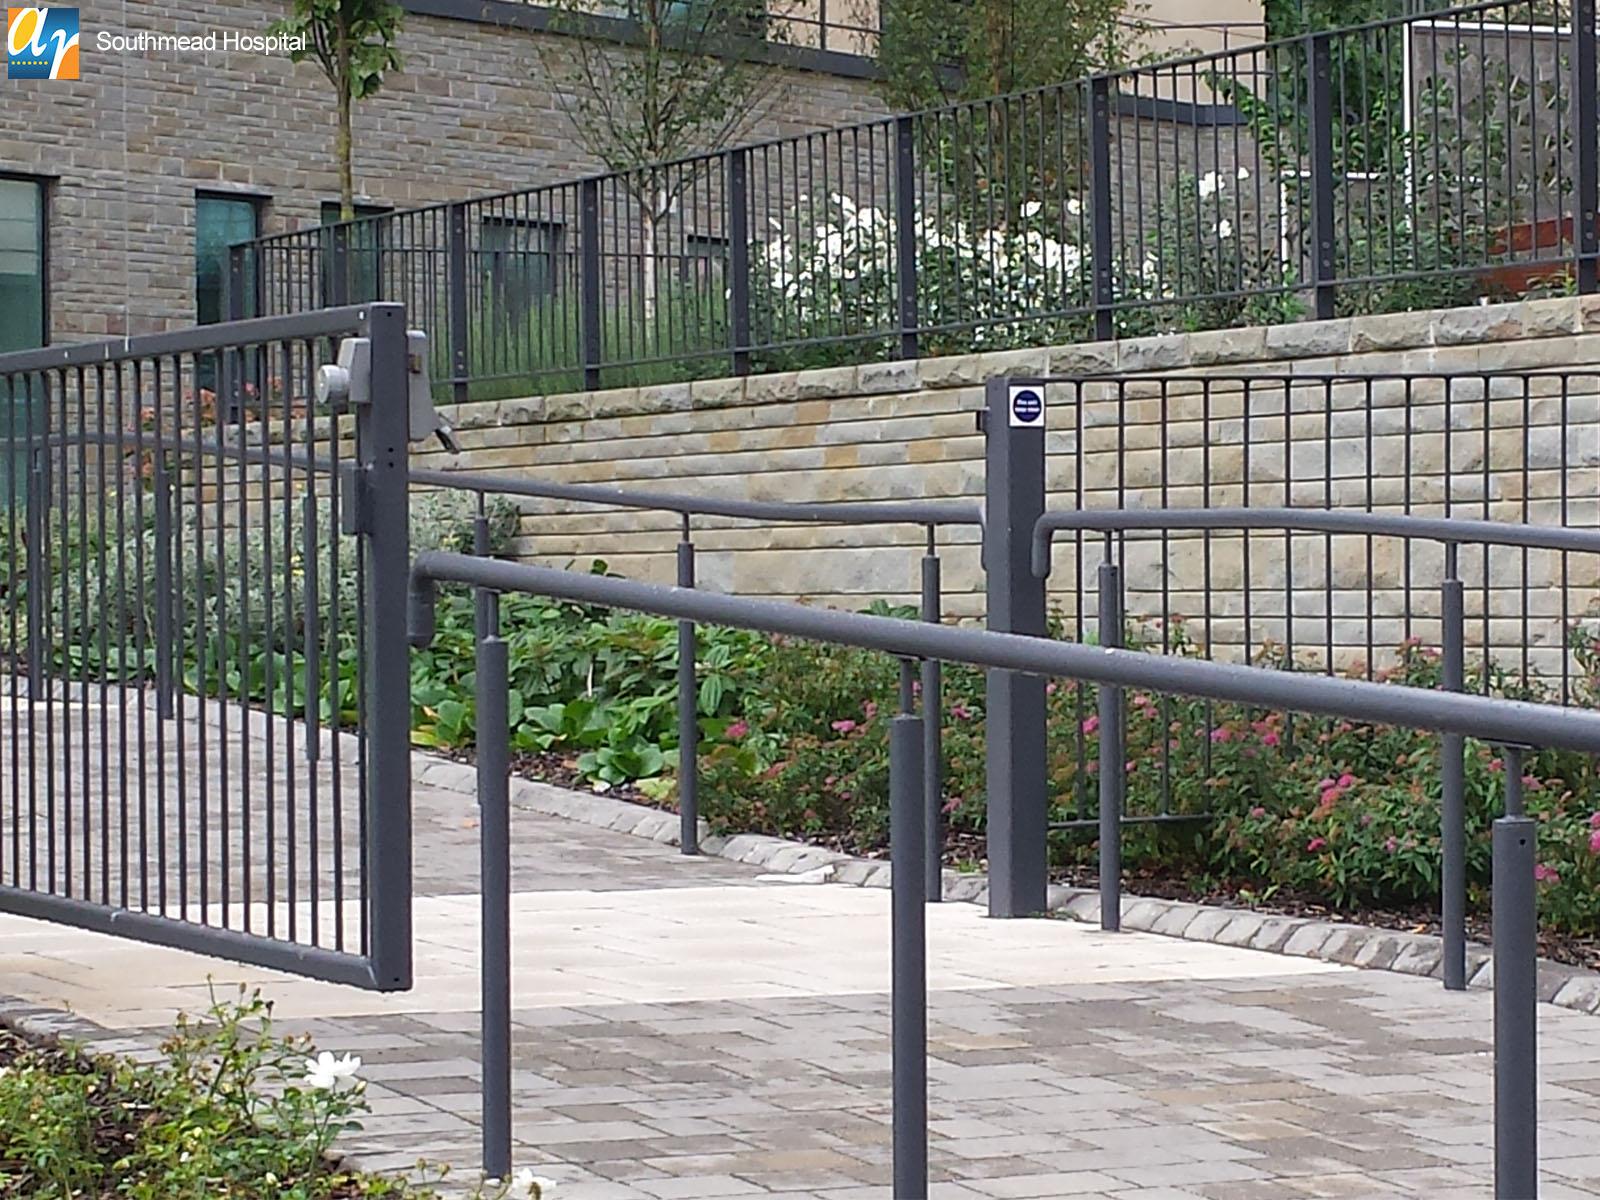 Southmead hospital metal handrail